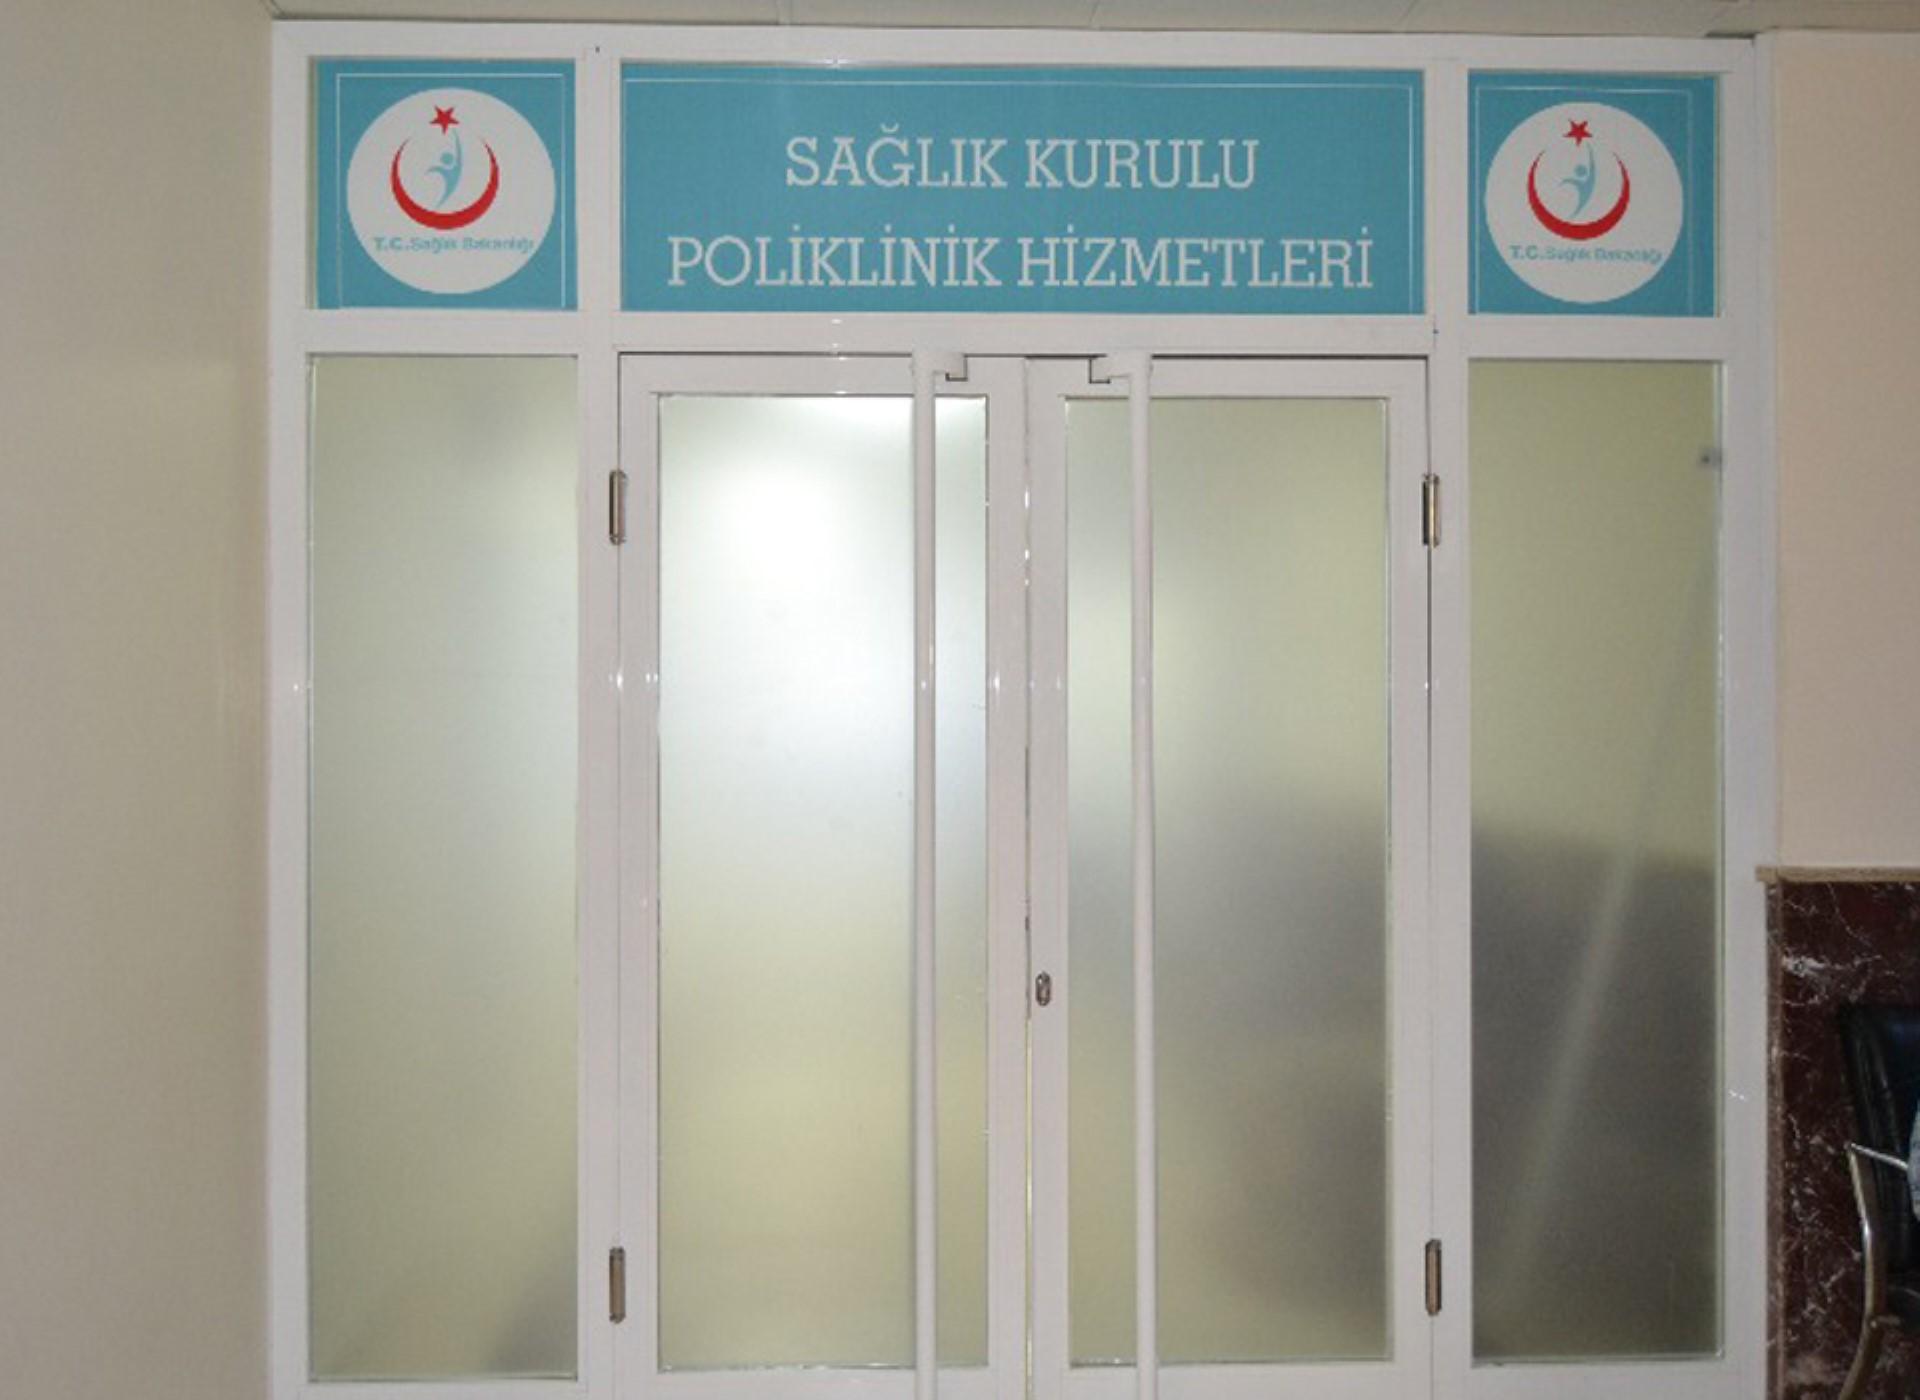 Balıklıgöl Hastanesi Sağlık Kurulu